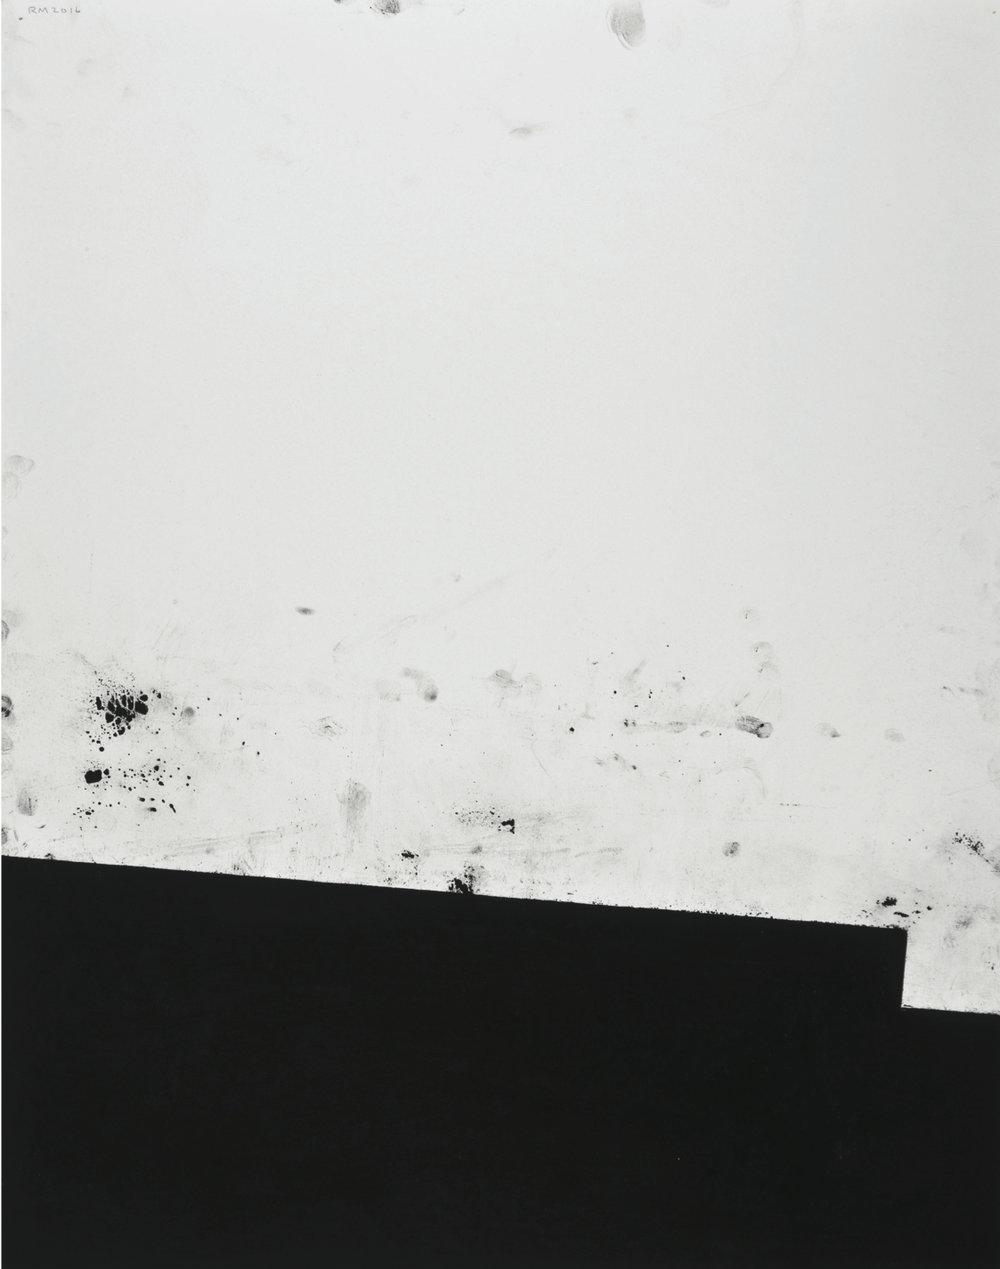 robert-moskowitz-drawings-2017.jpg